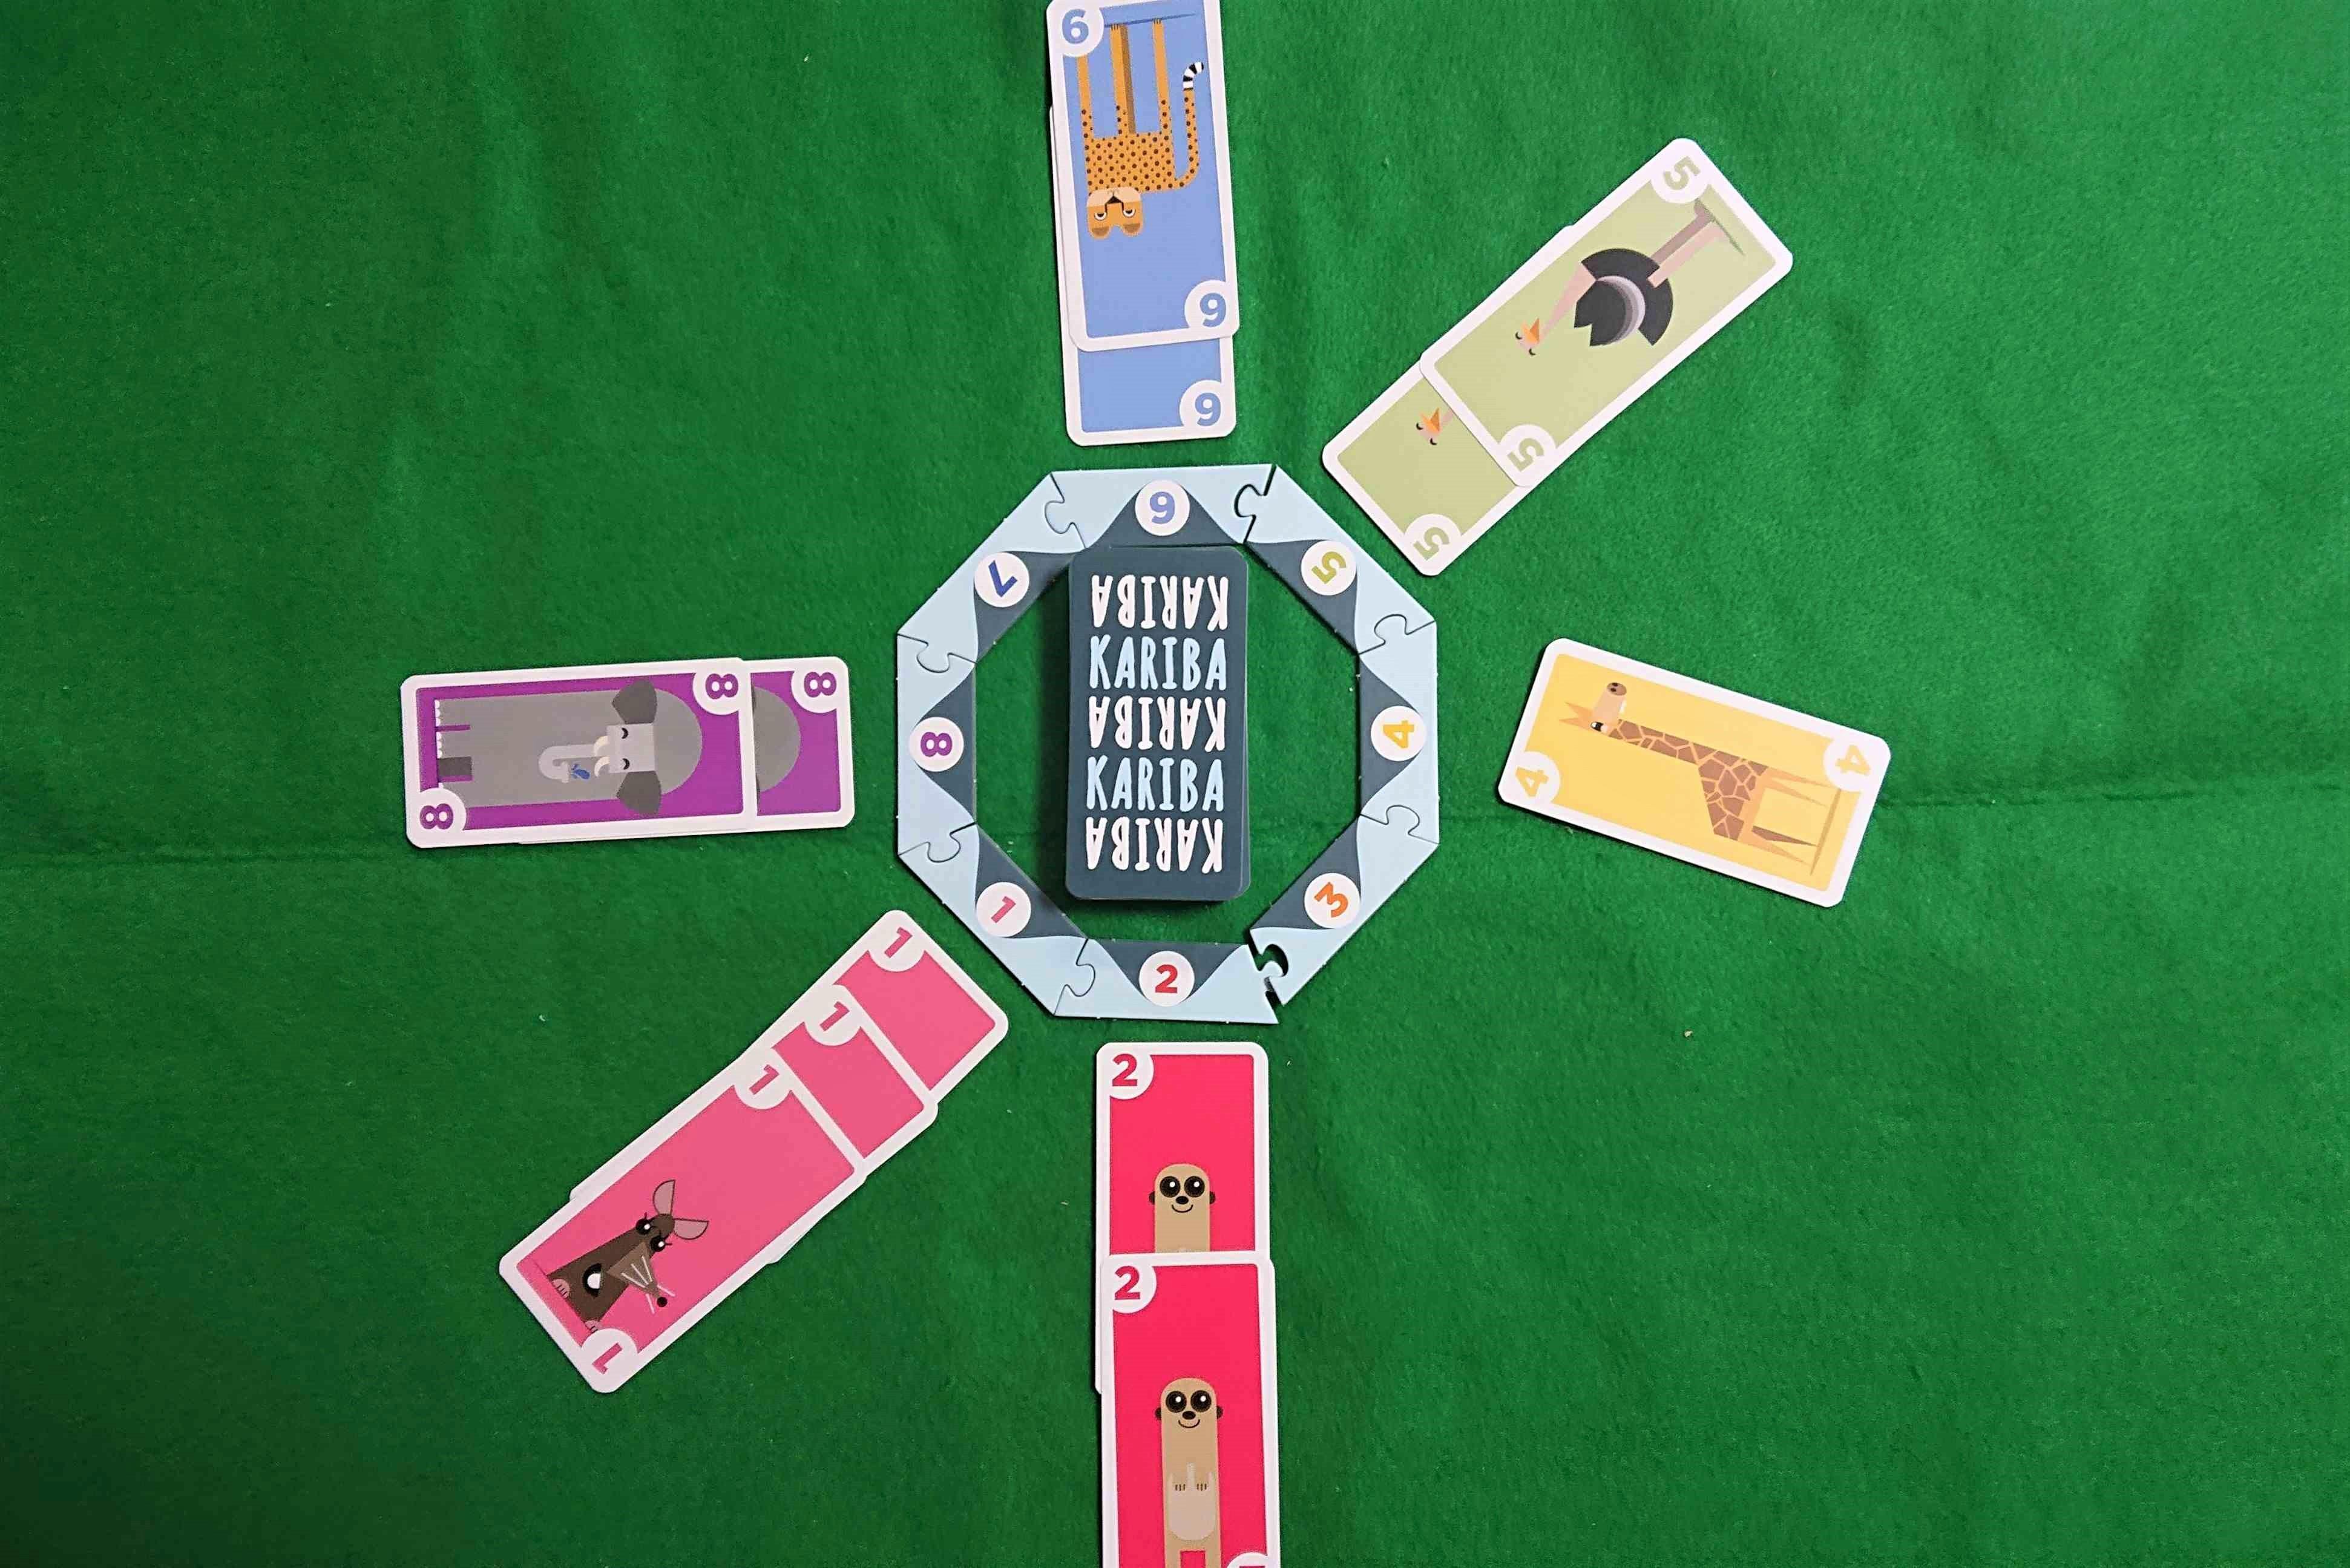 KARIBA(カリバ) カードゲーム 水飲み場から動物を追い出せ! 動物の絵が可愛いです! ボードゲーム